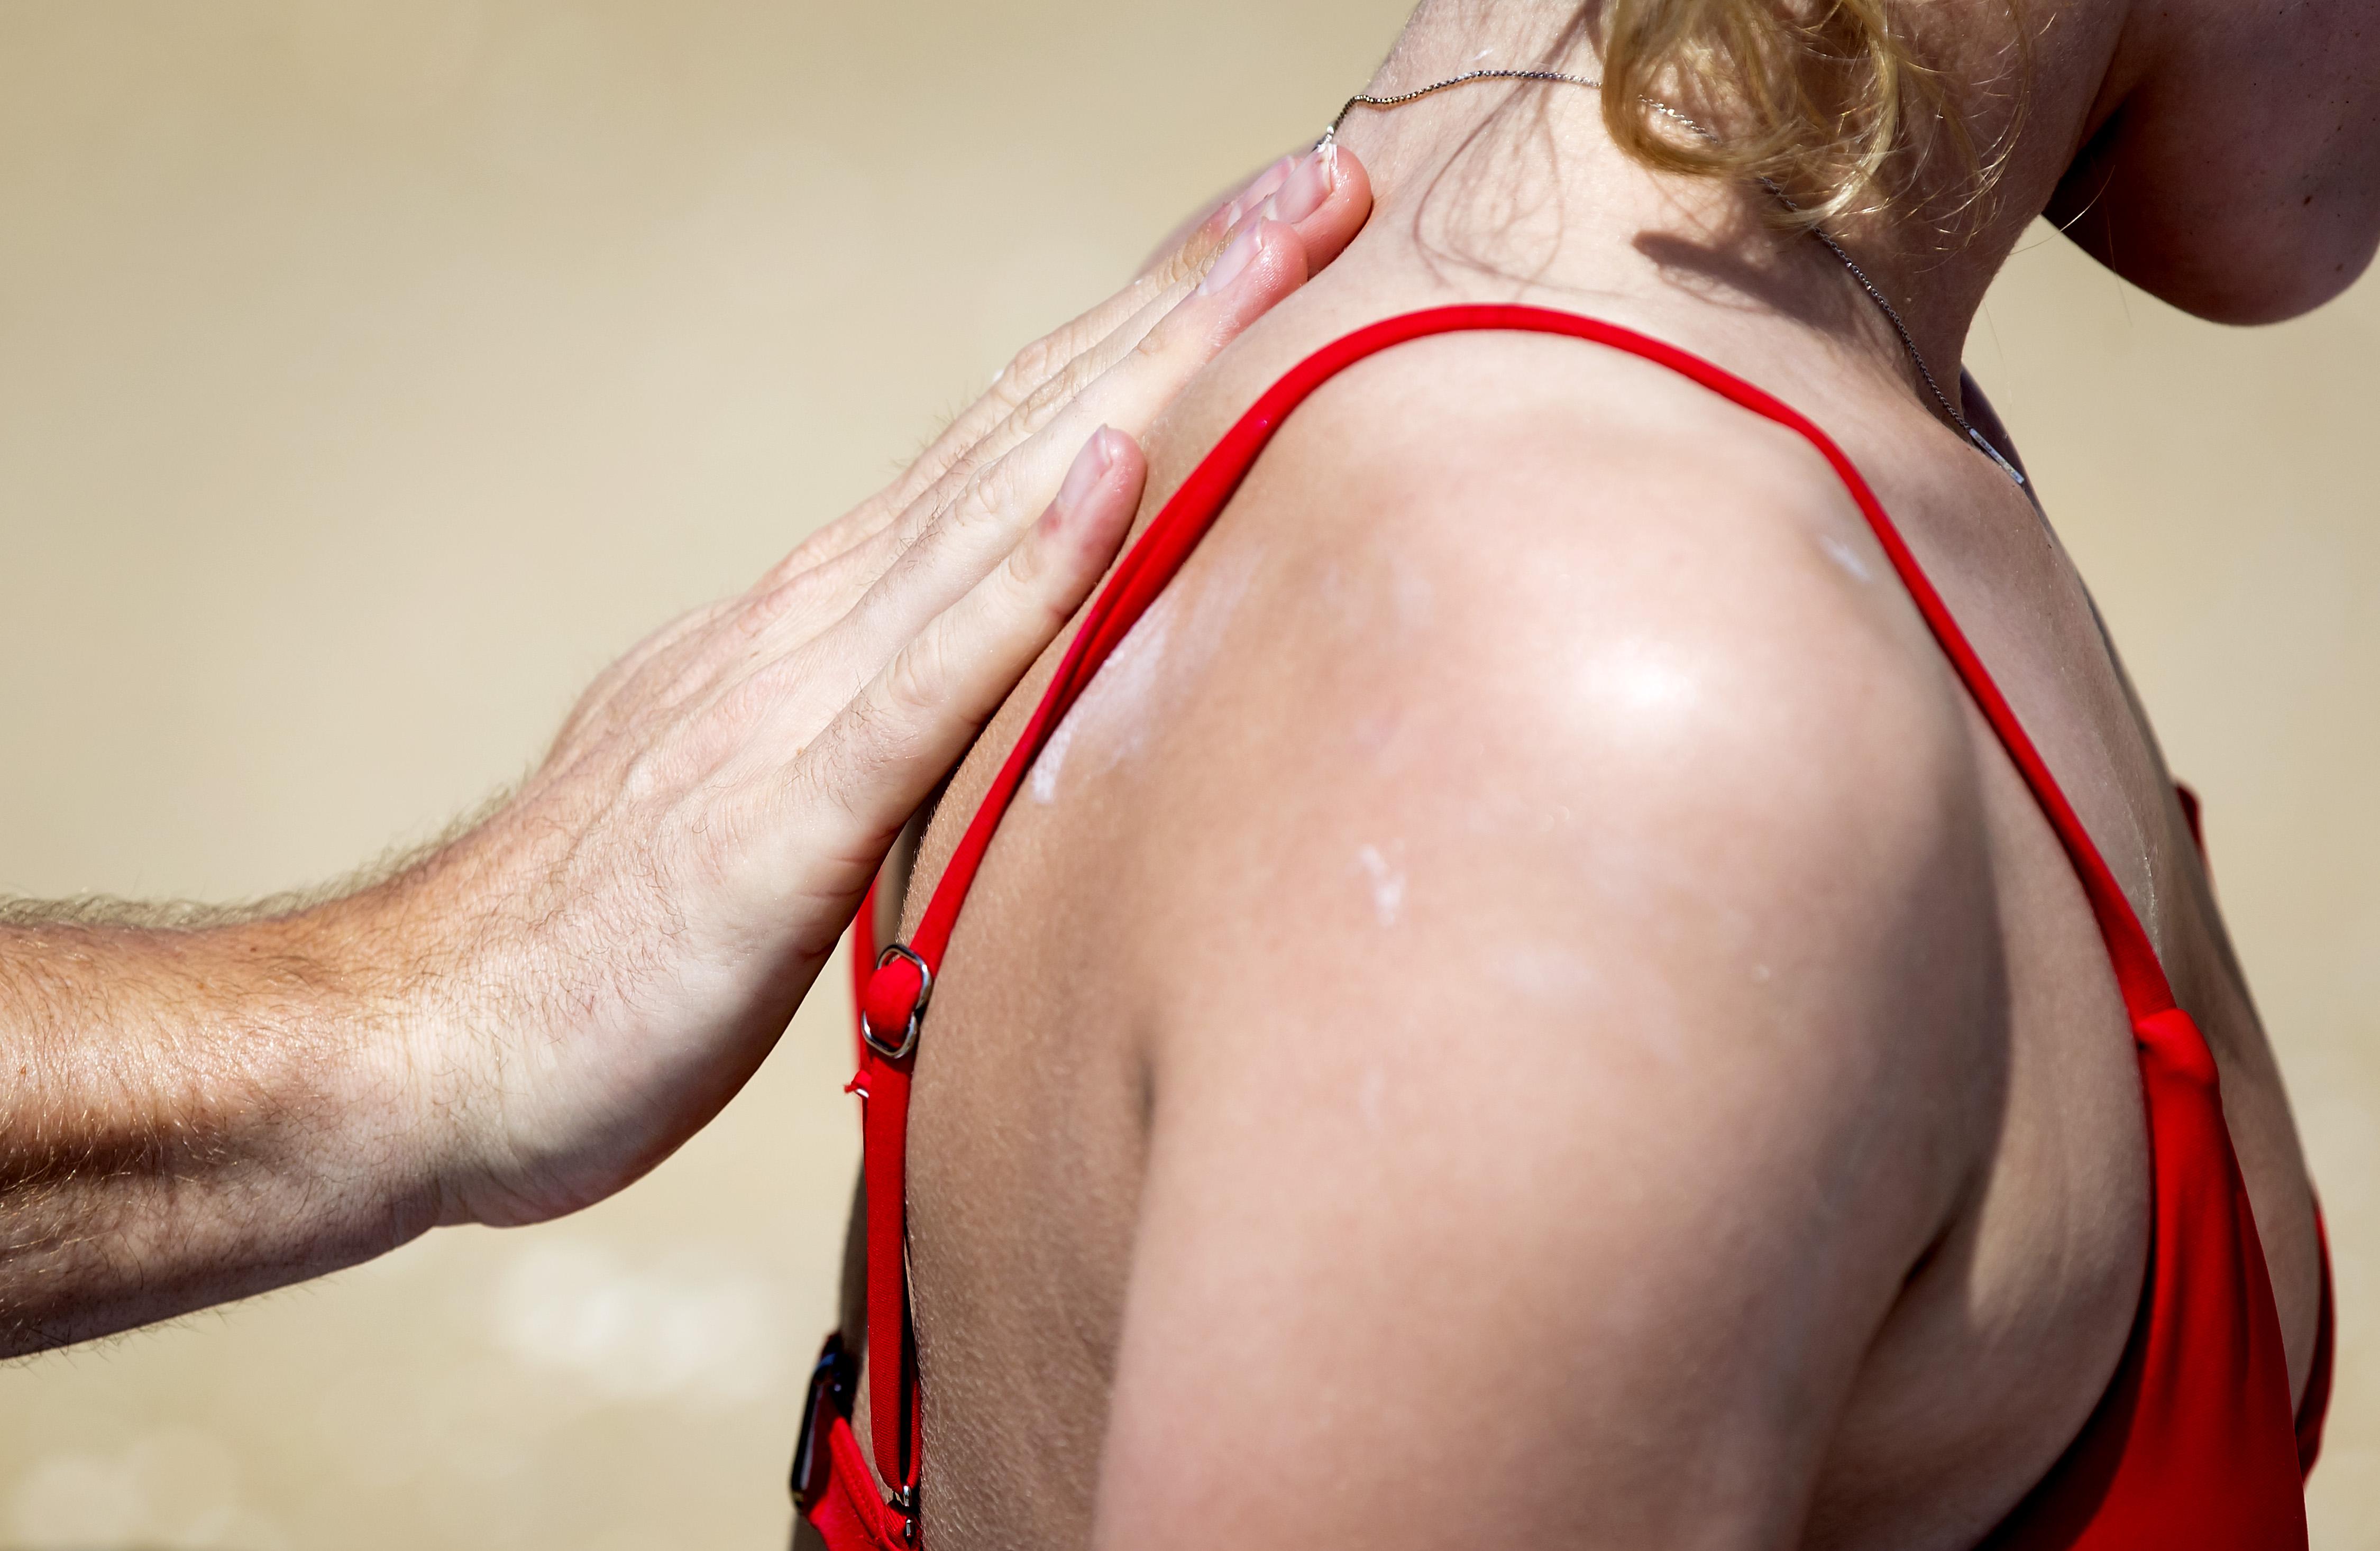 Foto van een dame wiens rug wordt ingesmeerd met zonnebrand.